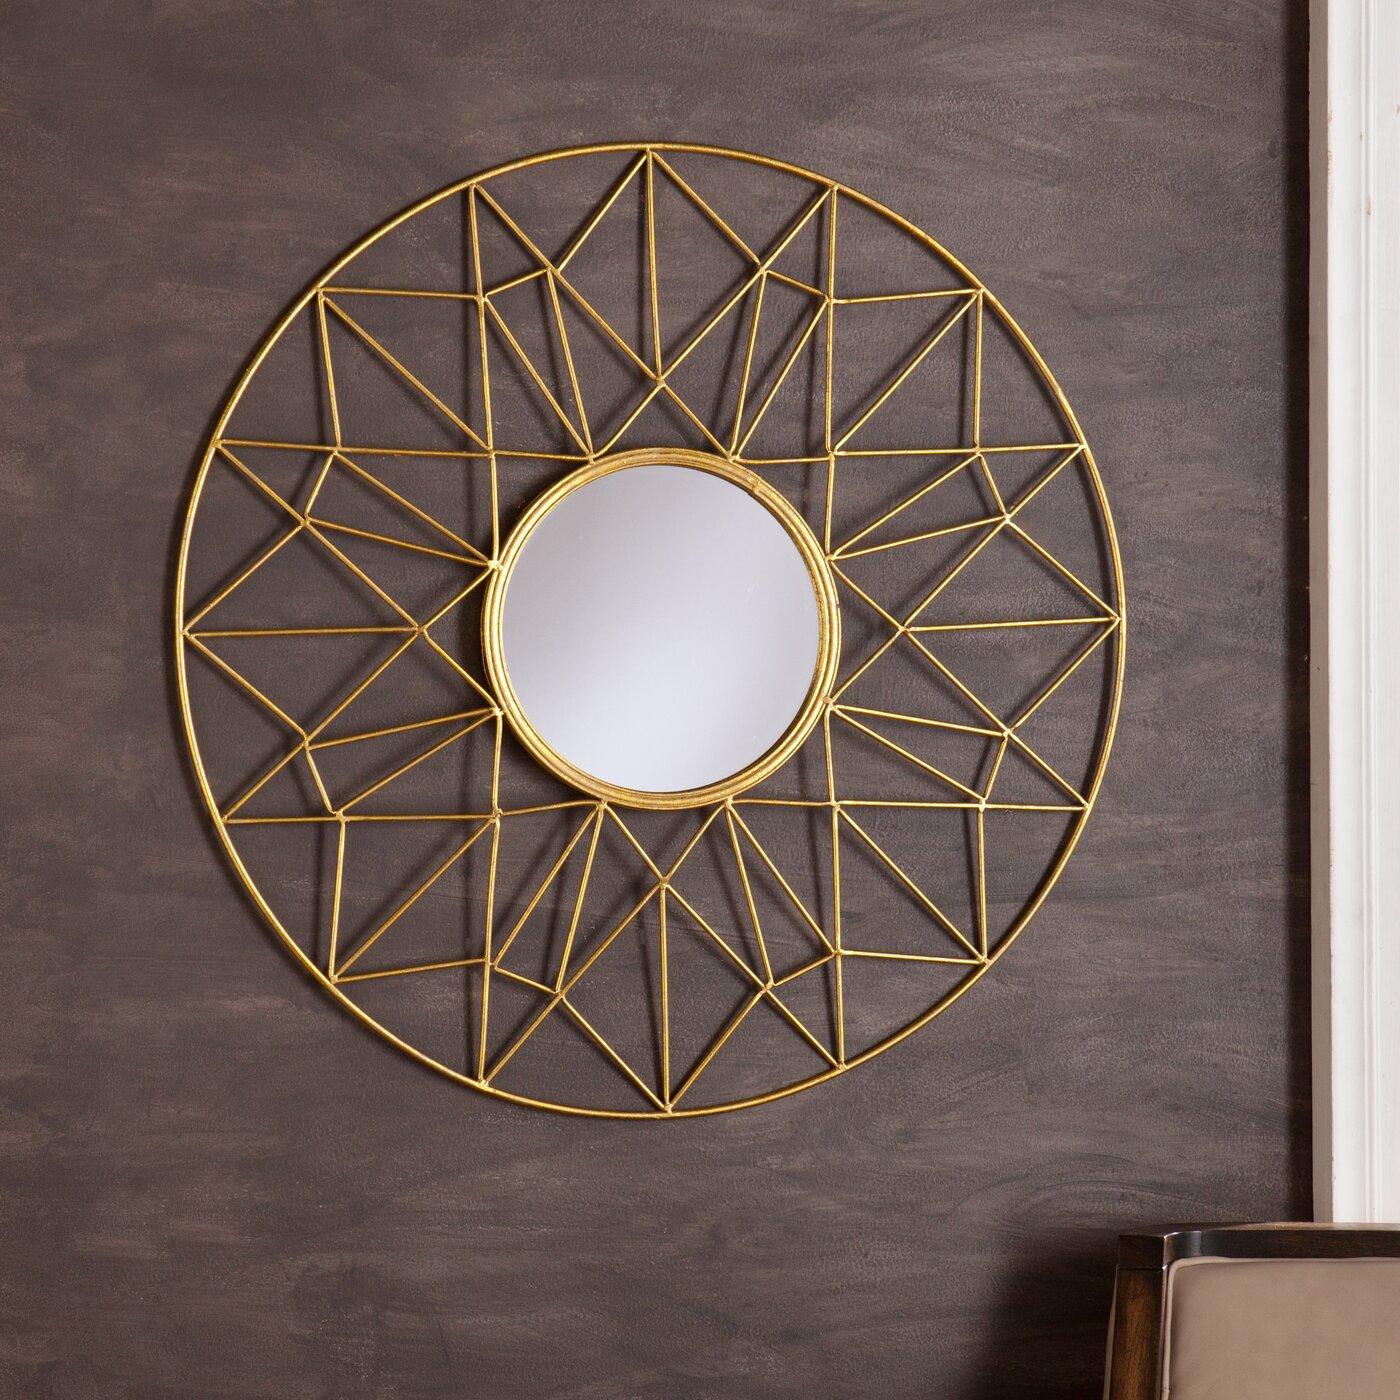 round decorative wall mirror - Round Decorative Mirror